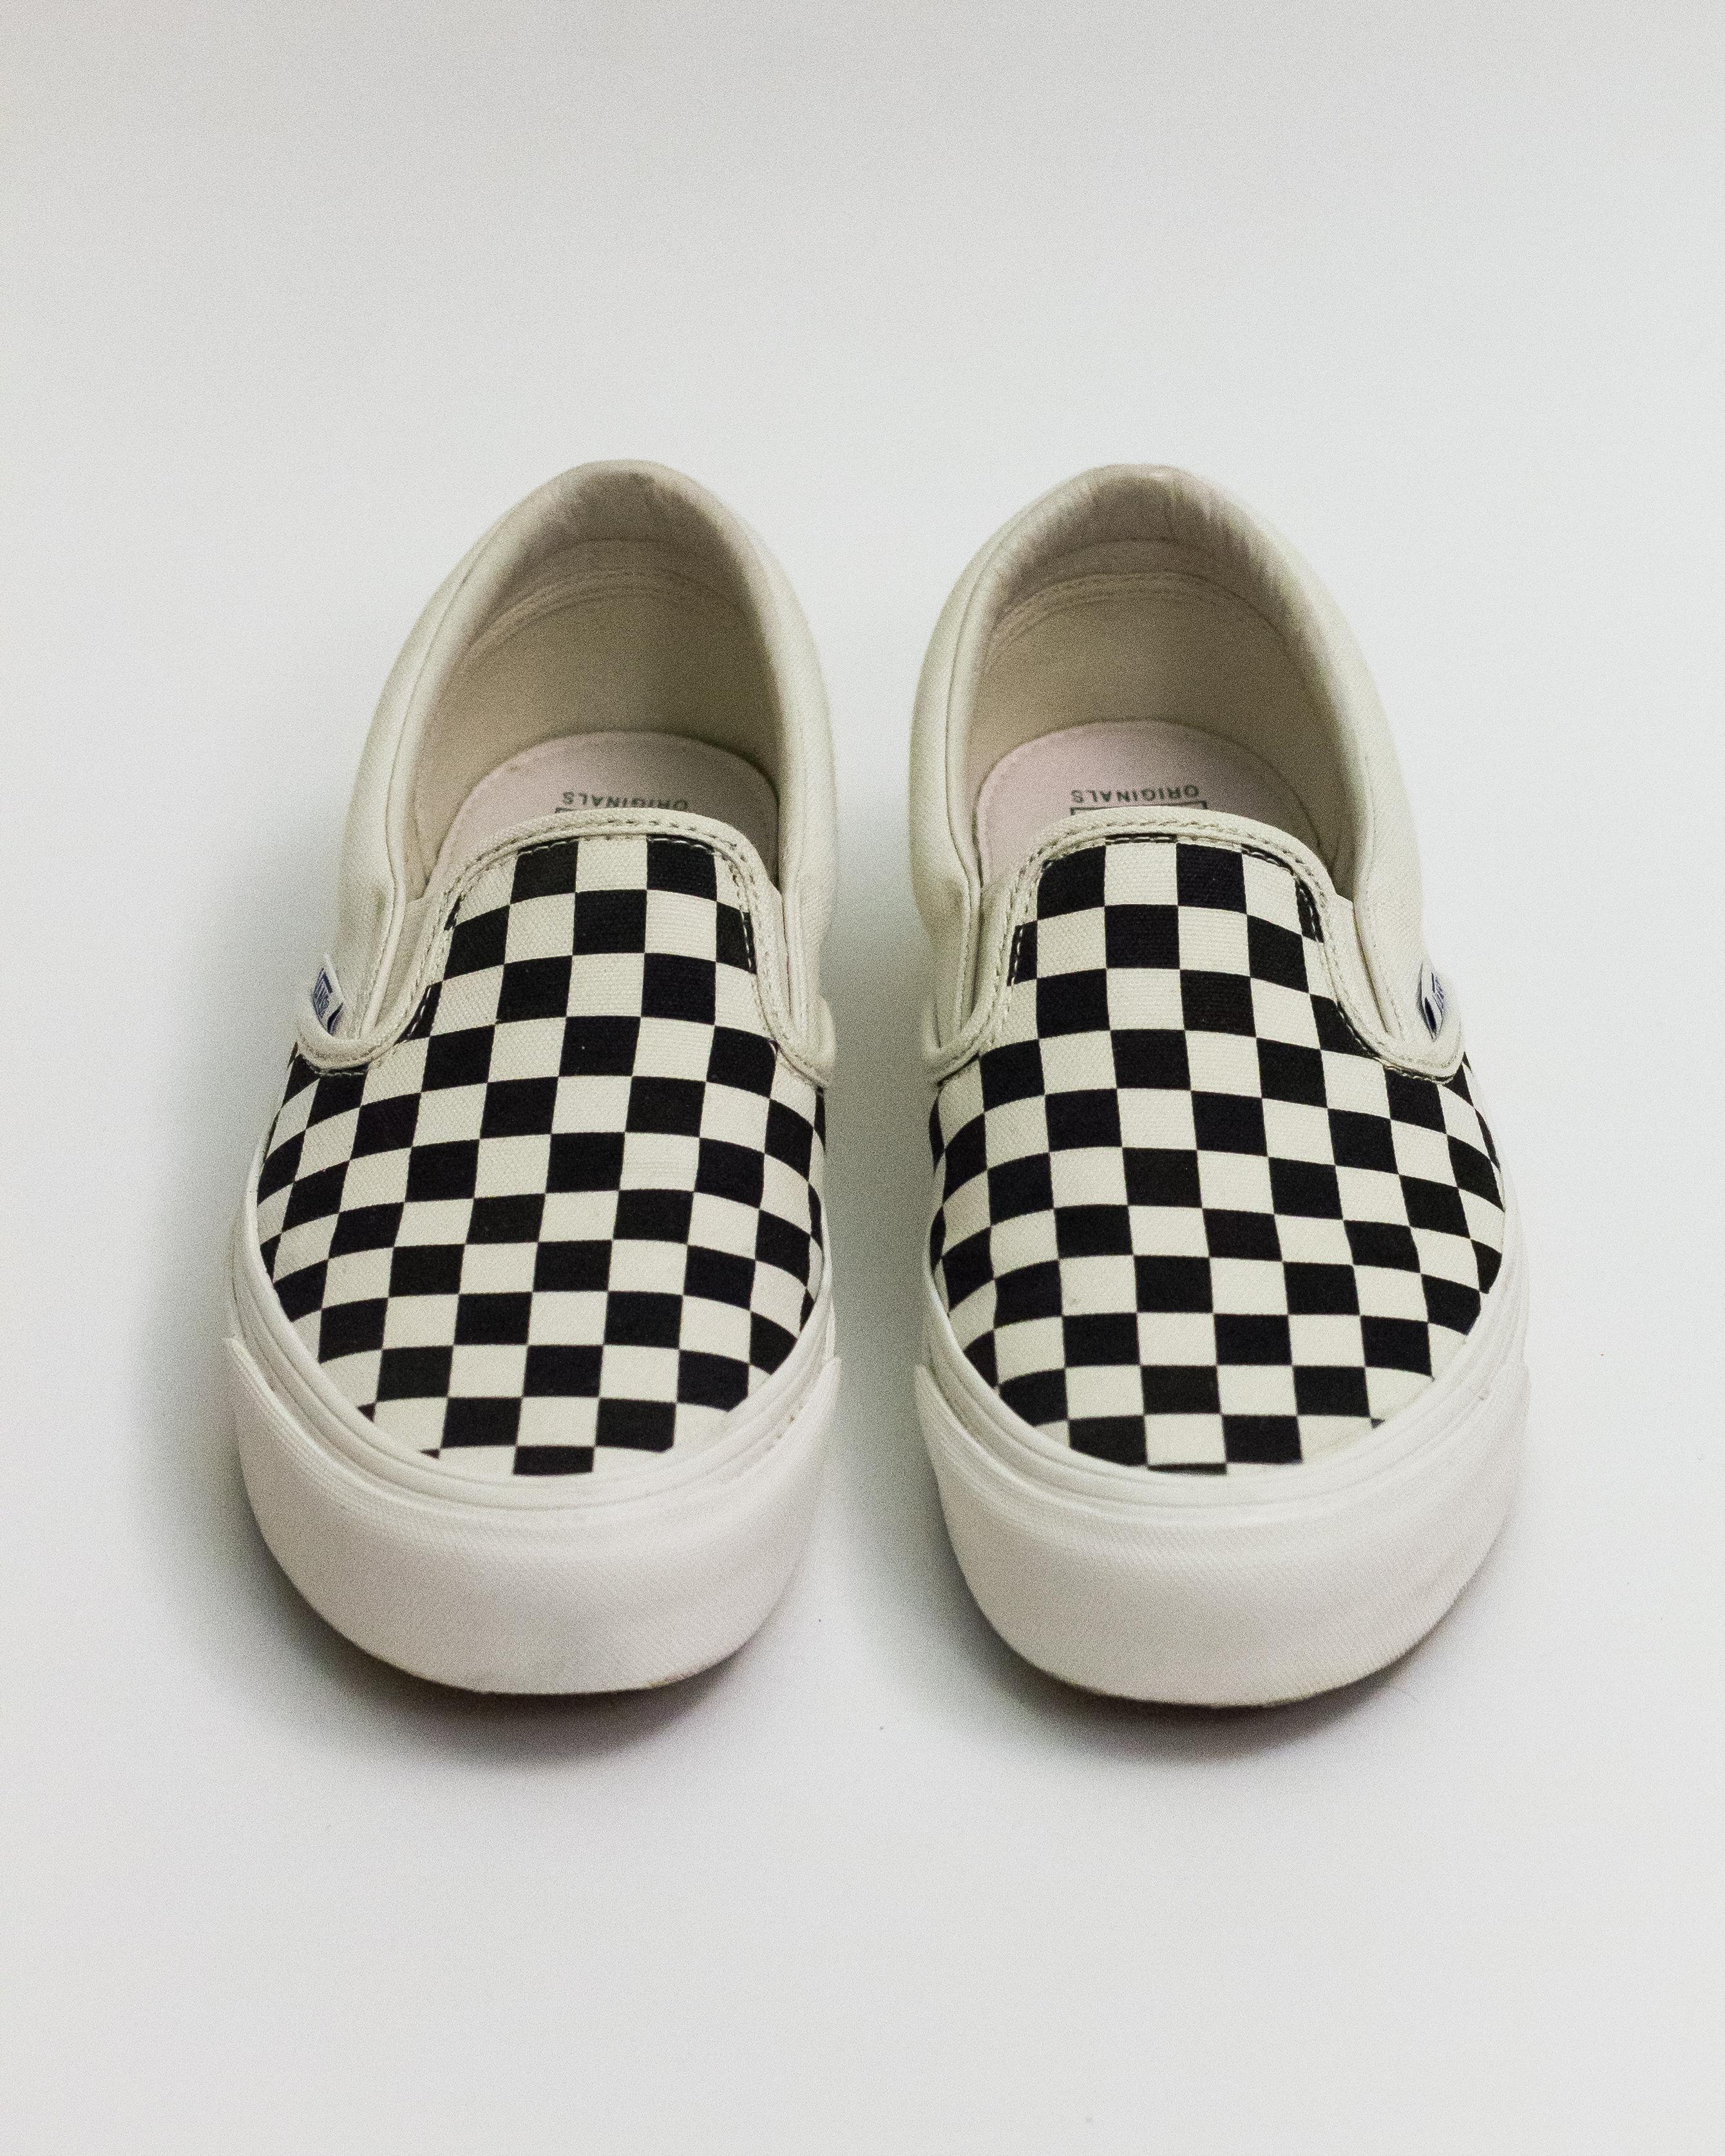 Vans Black   Off-White OG Checkerboard Classic Slip-On Sneakers Size ... 9e88dfe28